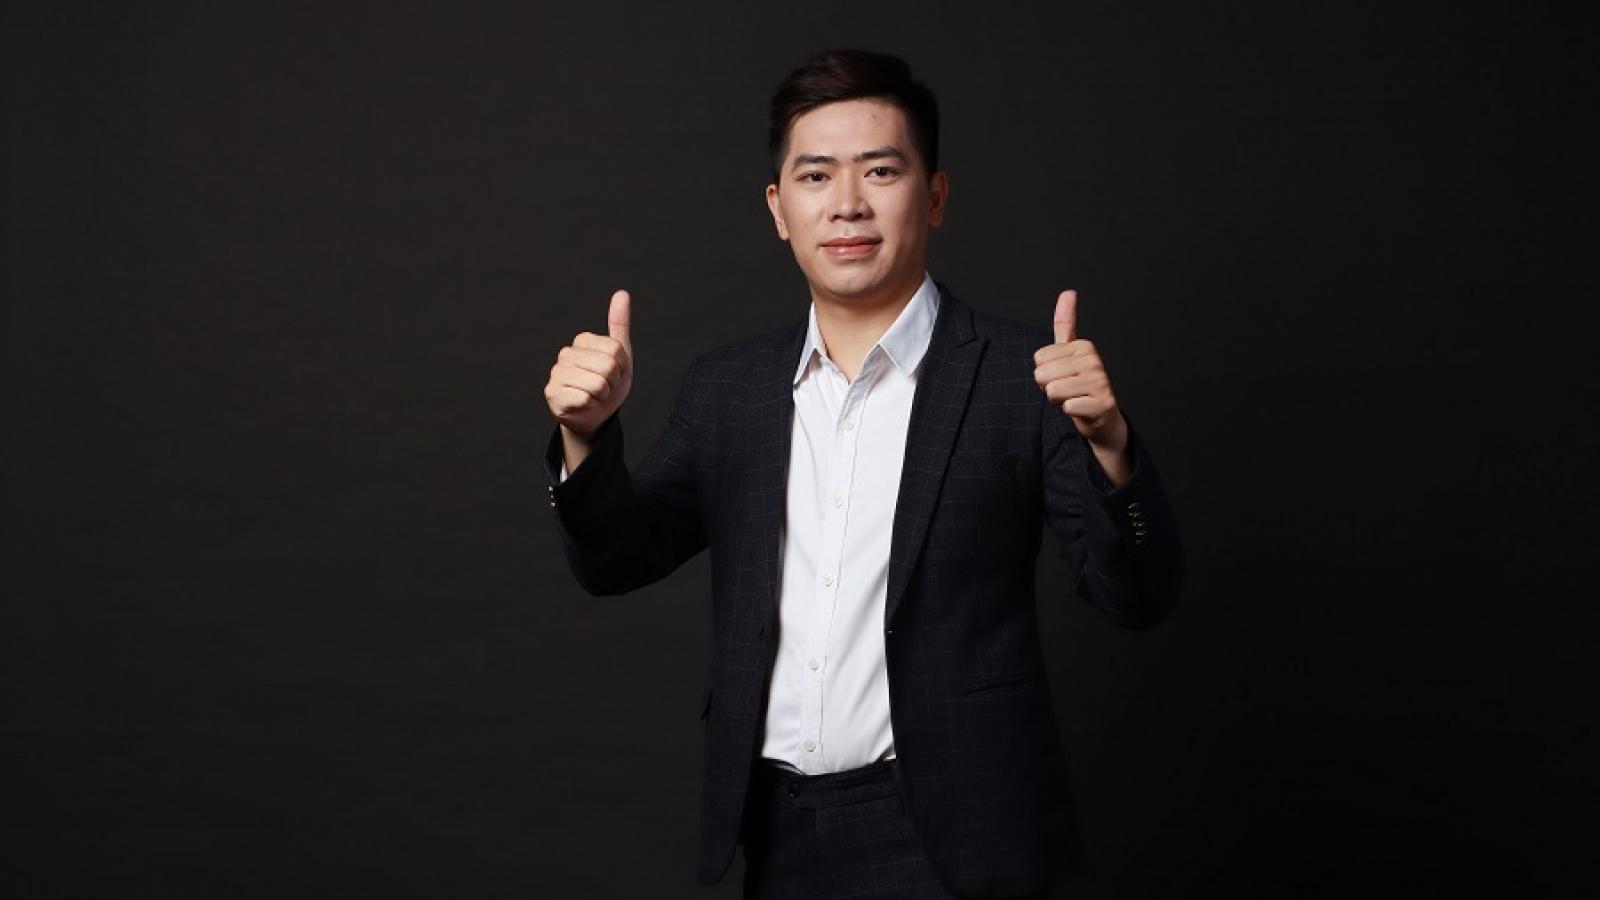 Cùng Nguyễn Minh Nguyên Marketing khám phá một chiến dịch marketing hiệu quả